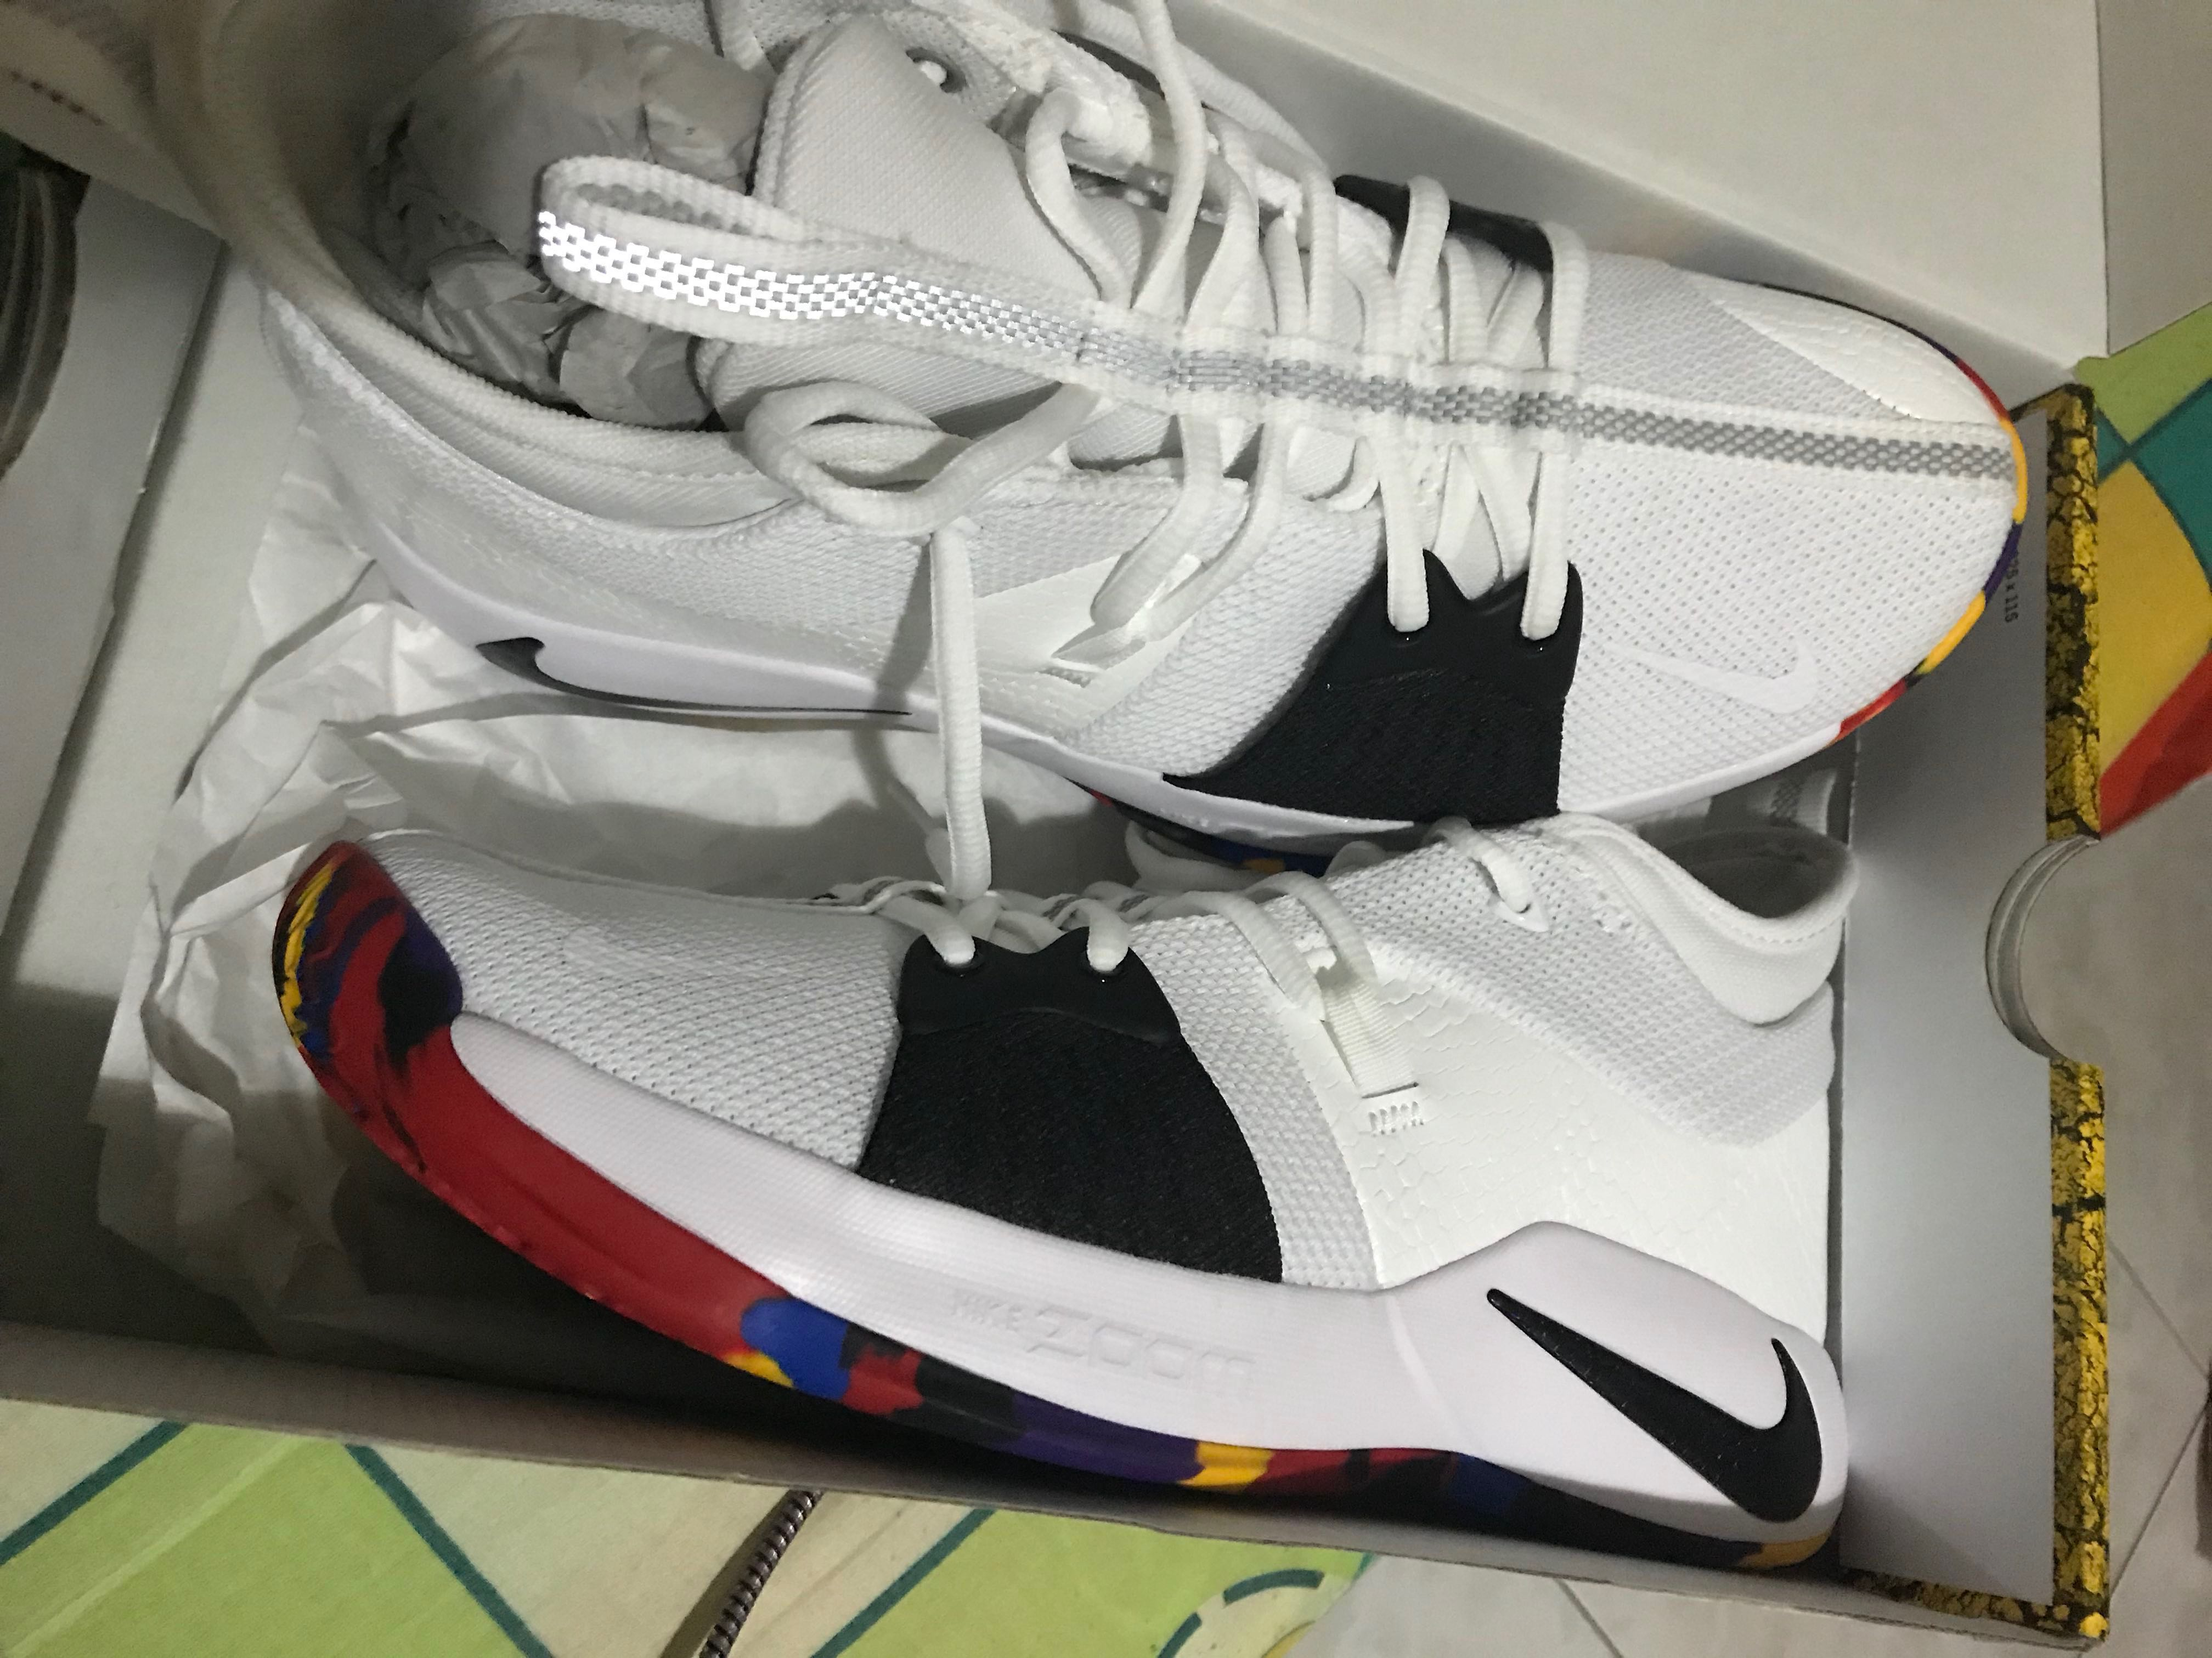 buy online 2911e 97643 Nike PG2 TS, Men's Fashion, Footwear, Sneakers on Carousell